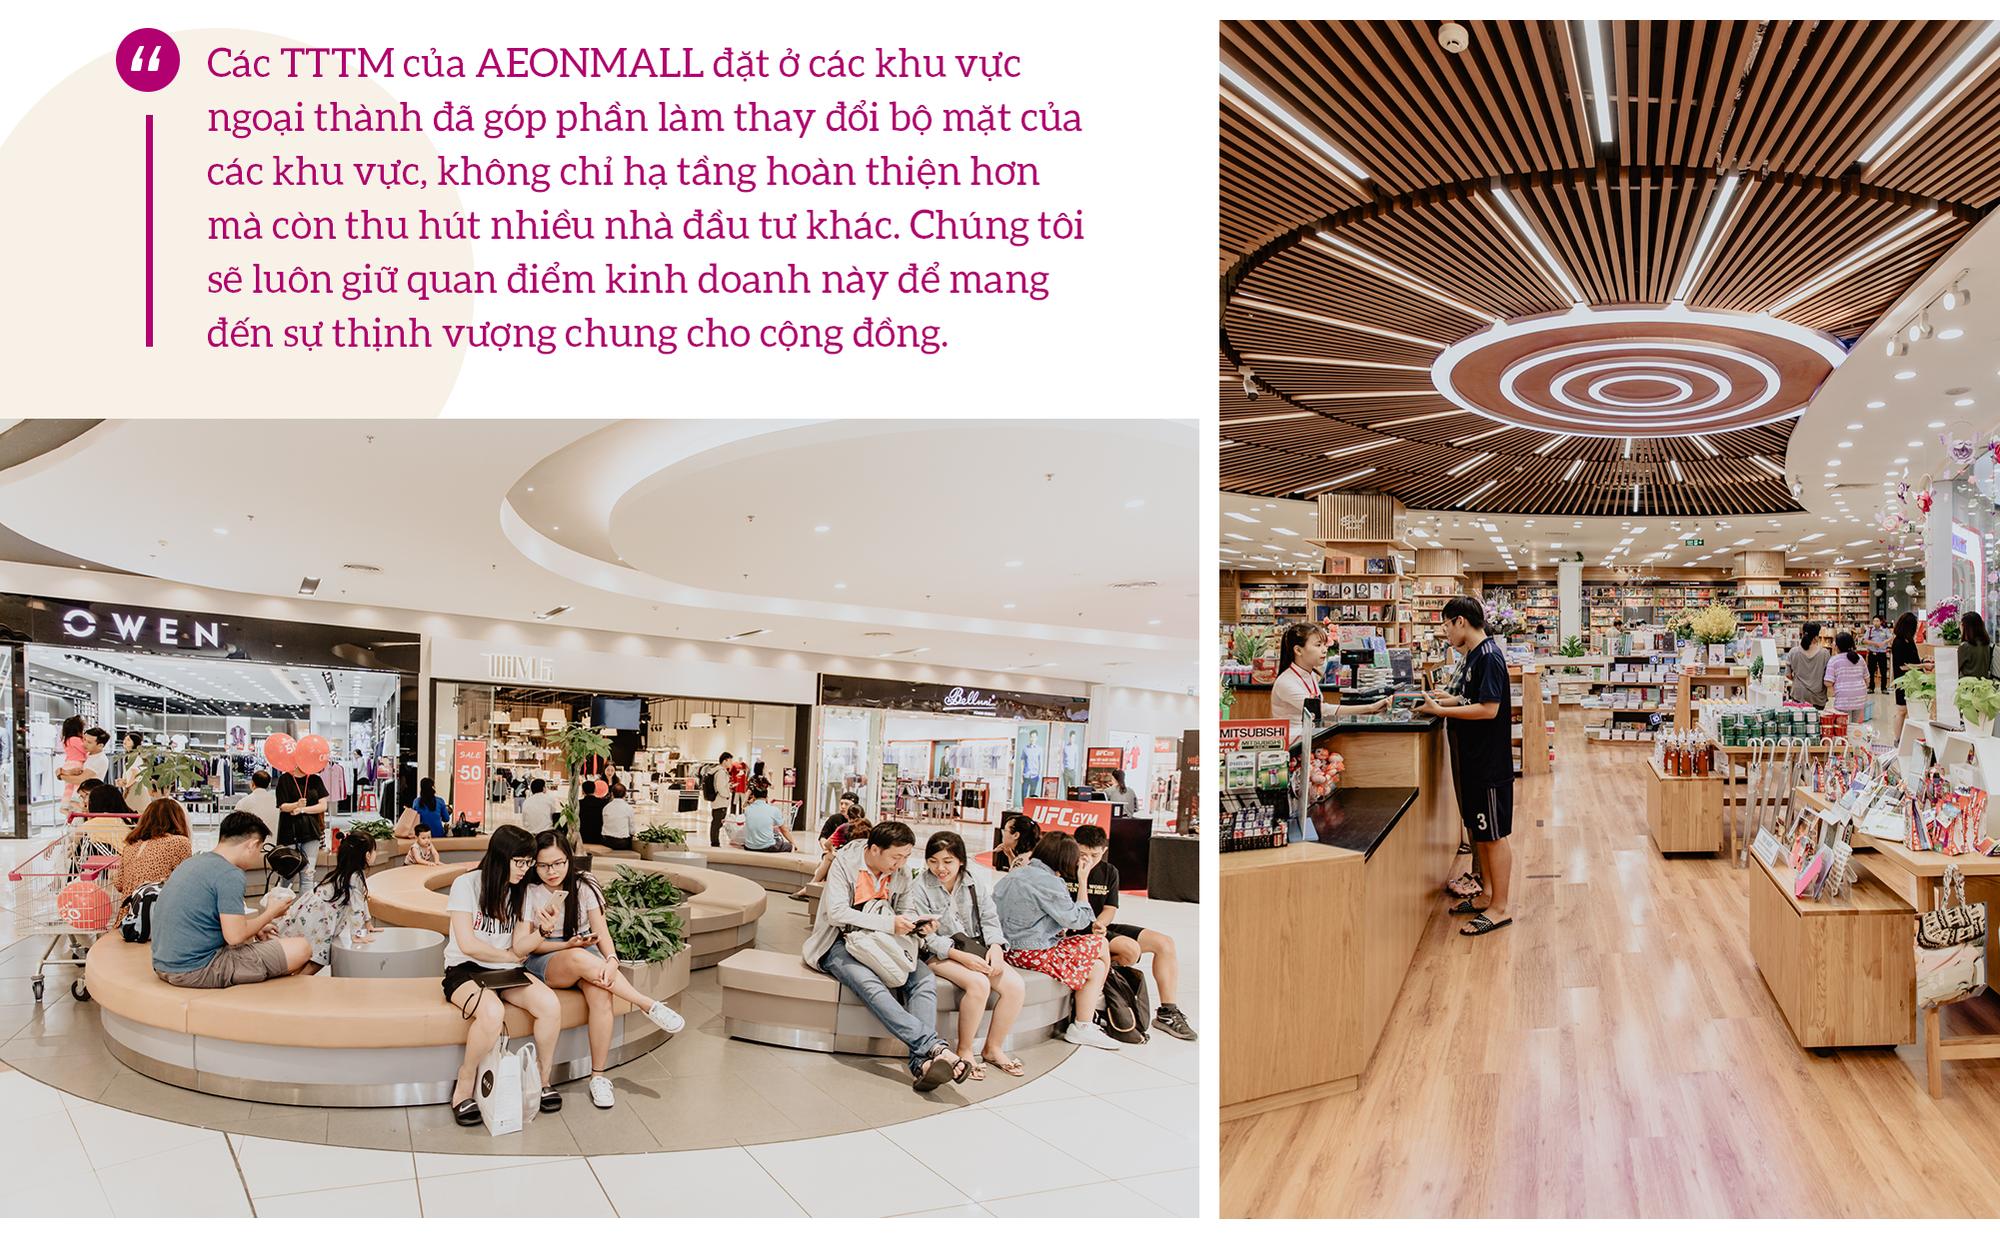 AEONMALL với nghìn lẻ câu chuyện xây dựng nên những Happiness mall độc đáo tại thị trường Việt Nam - Ảnh 7.